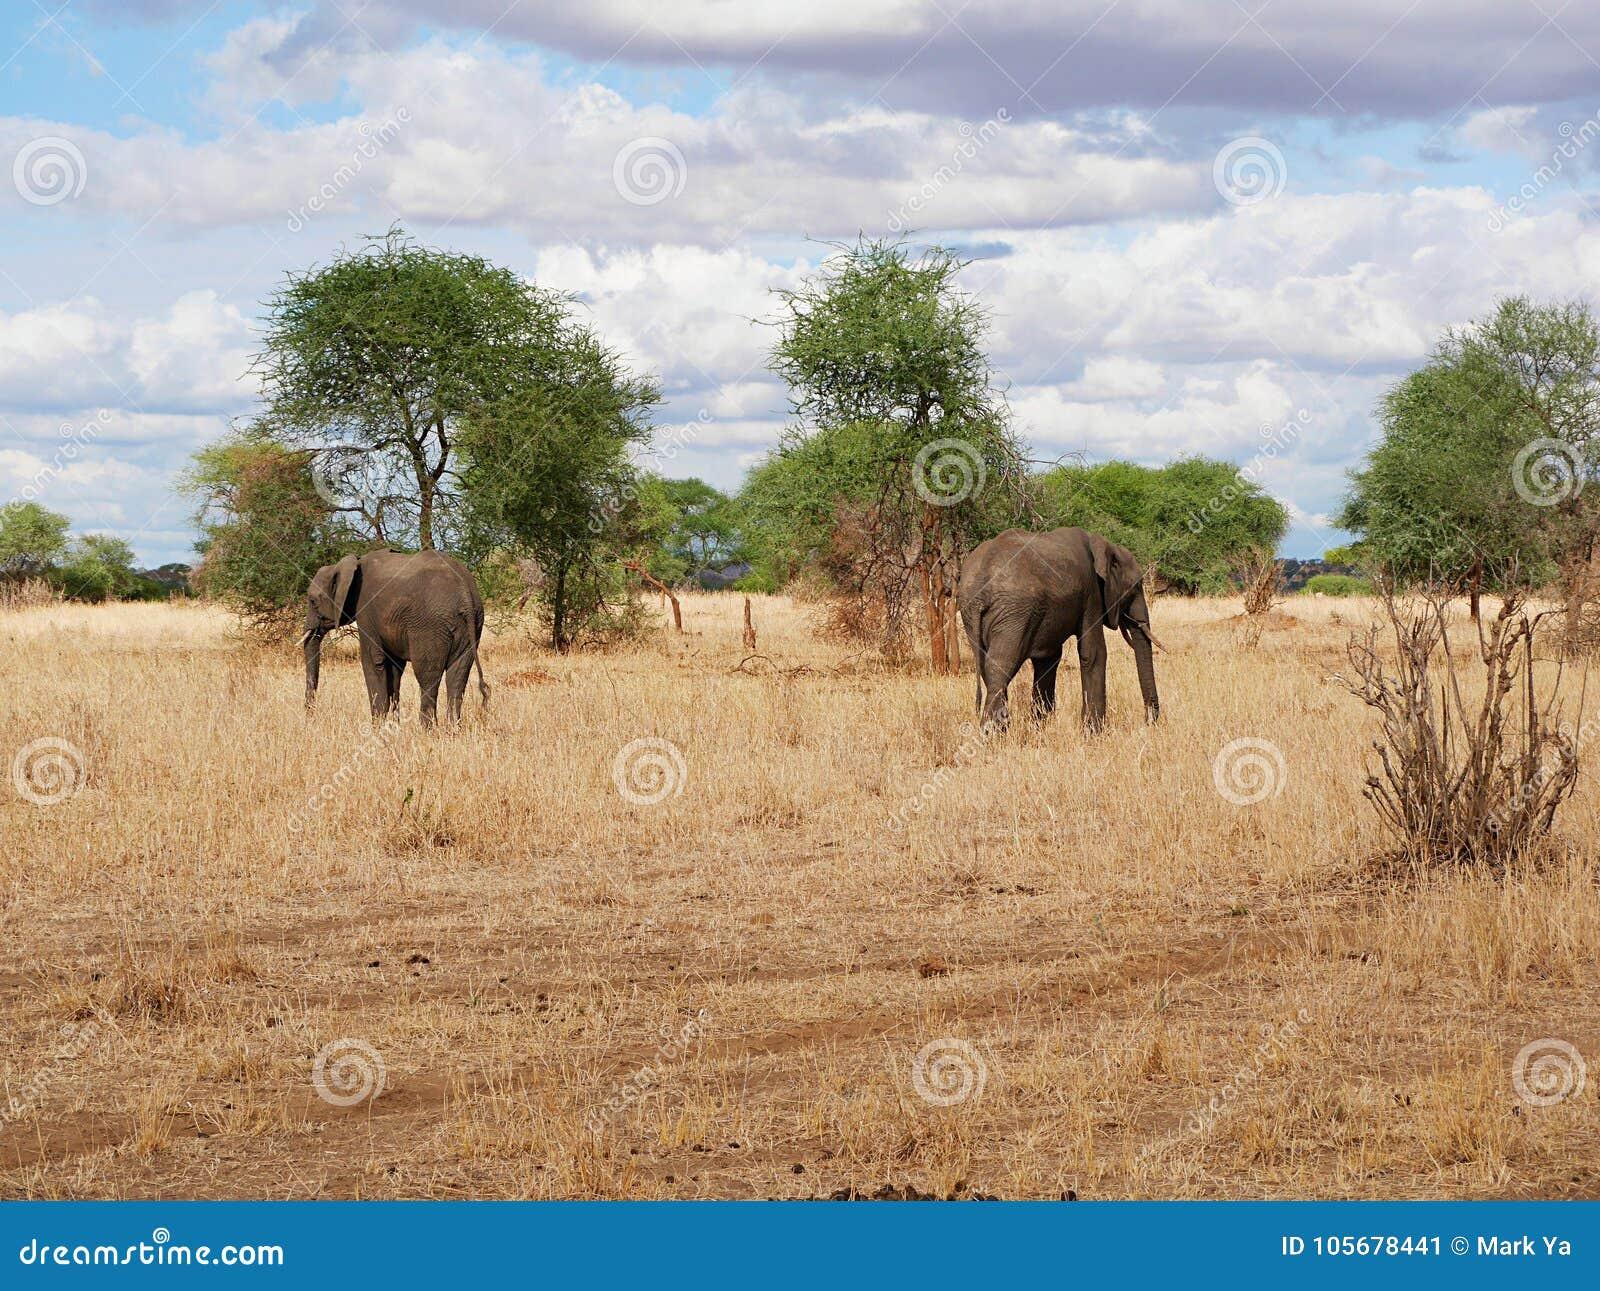 Elephant close-u on Tarangiri safari - Ngorongoro